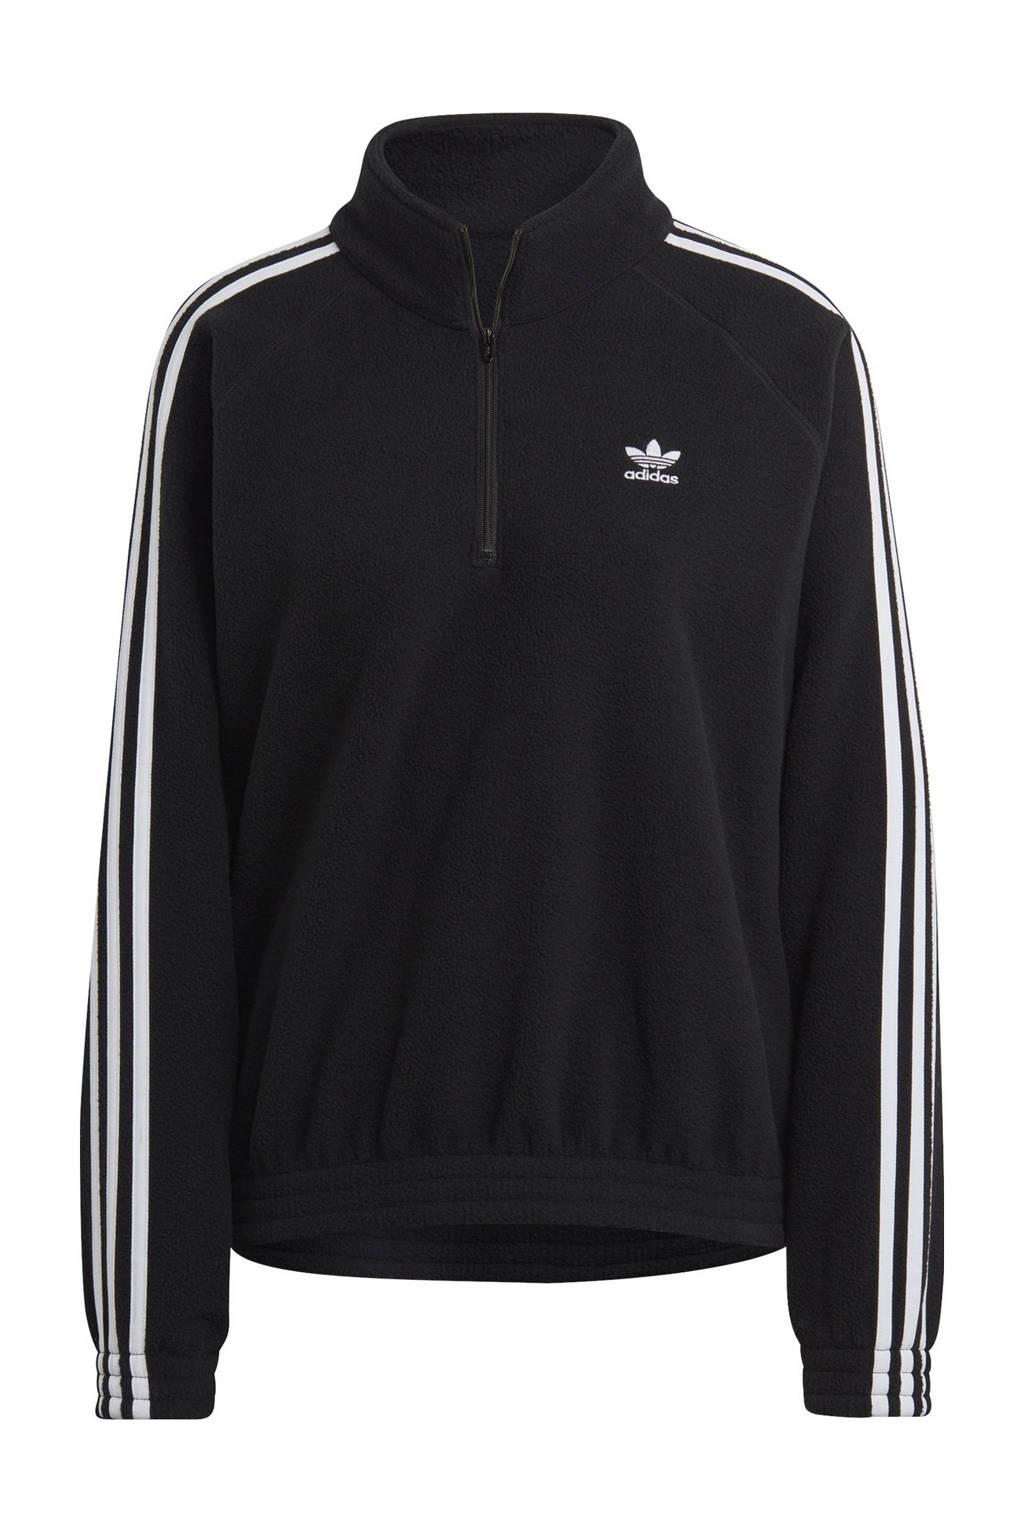 adidas Originals Adicolor fleece sweater zwart, Zwart